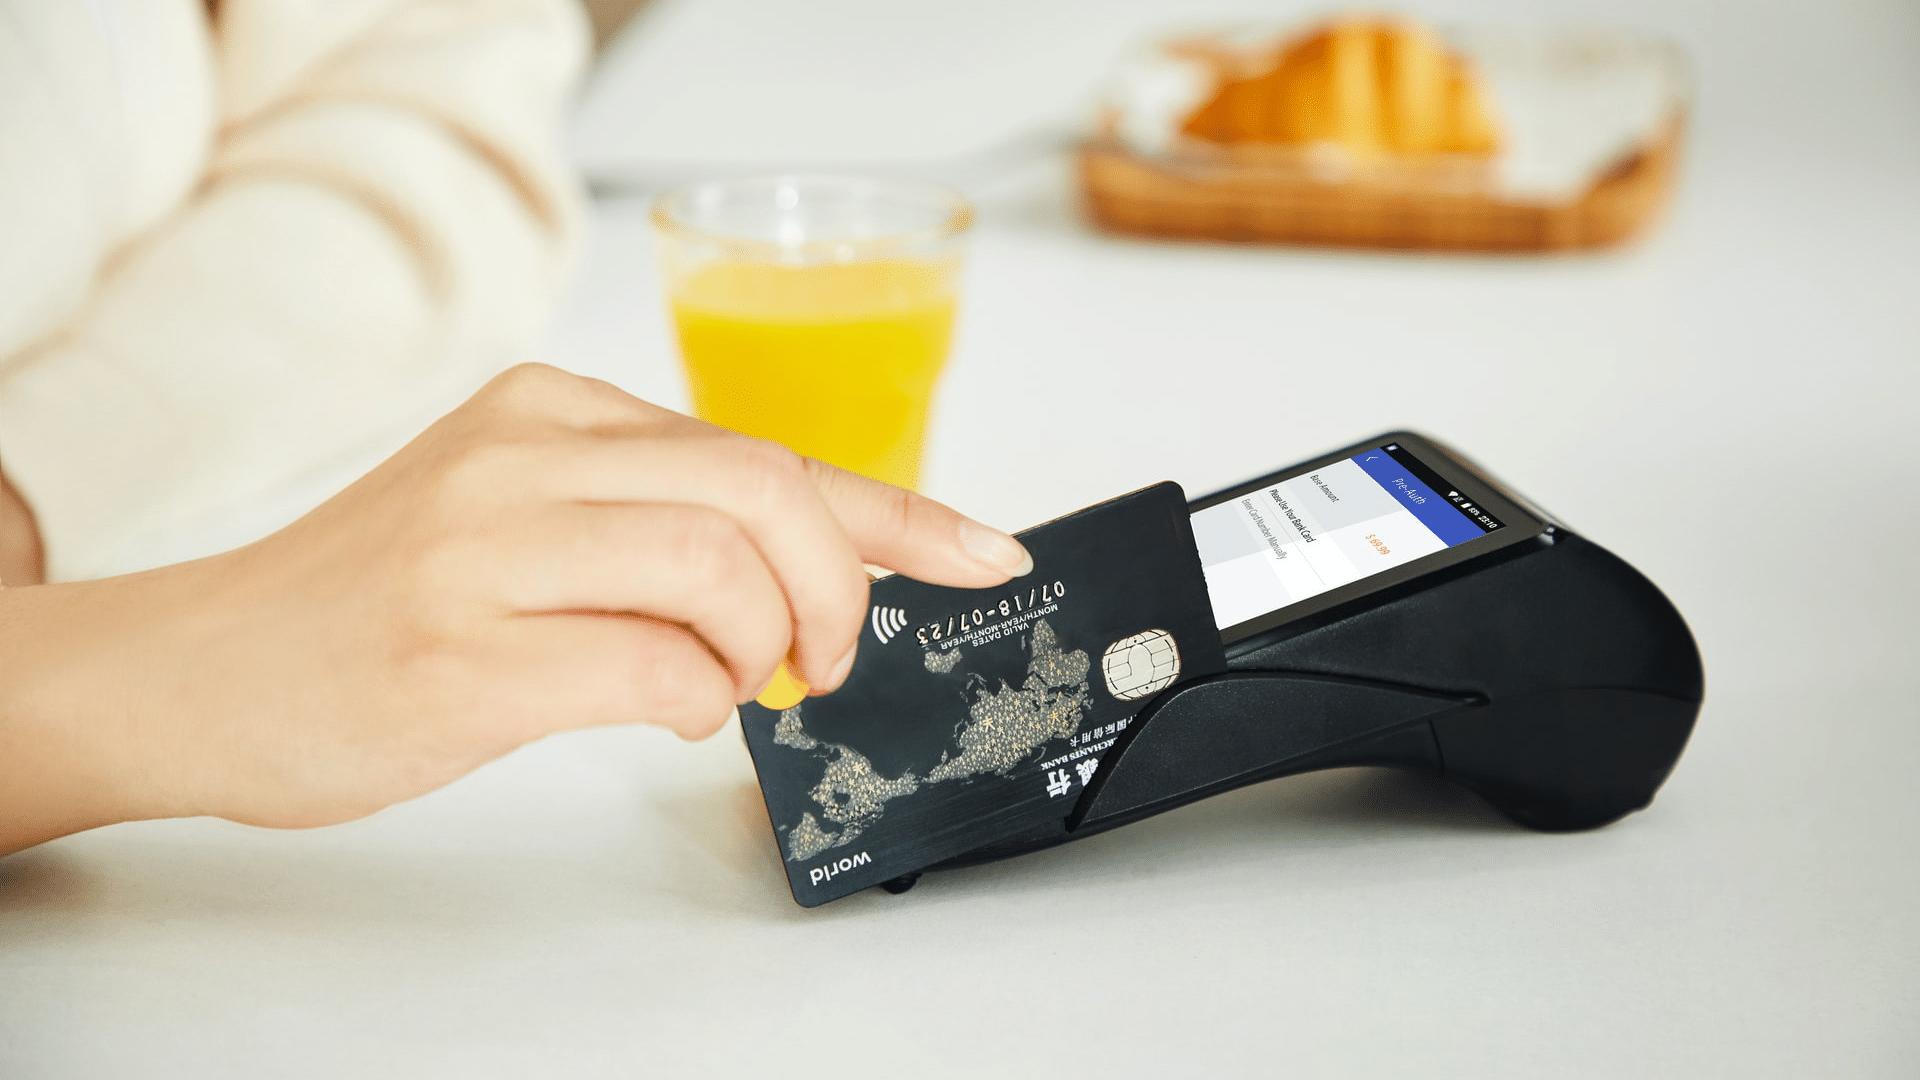 Kreditkarten Vergleich kontaktloses Bezahlen